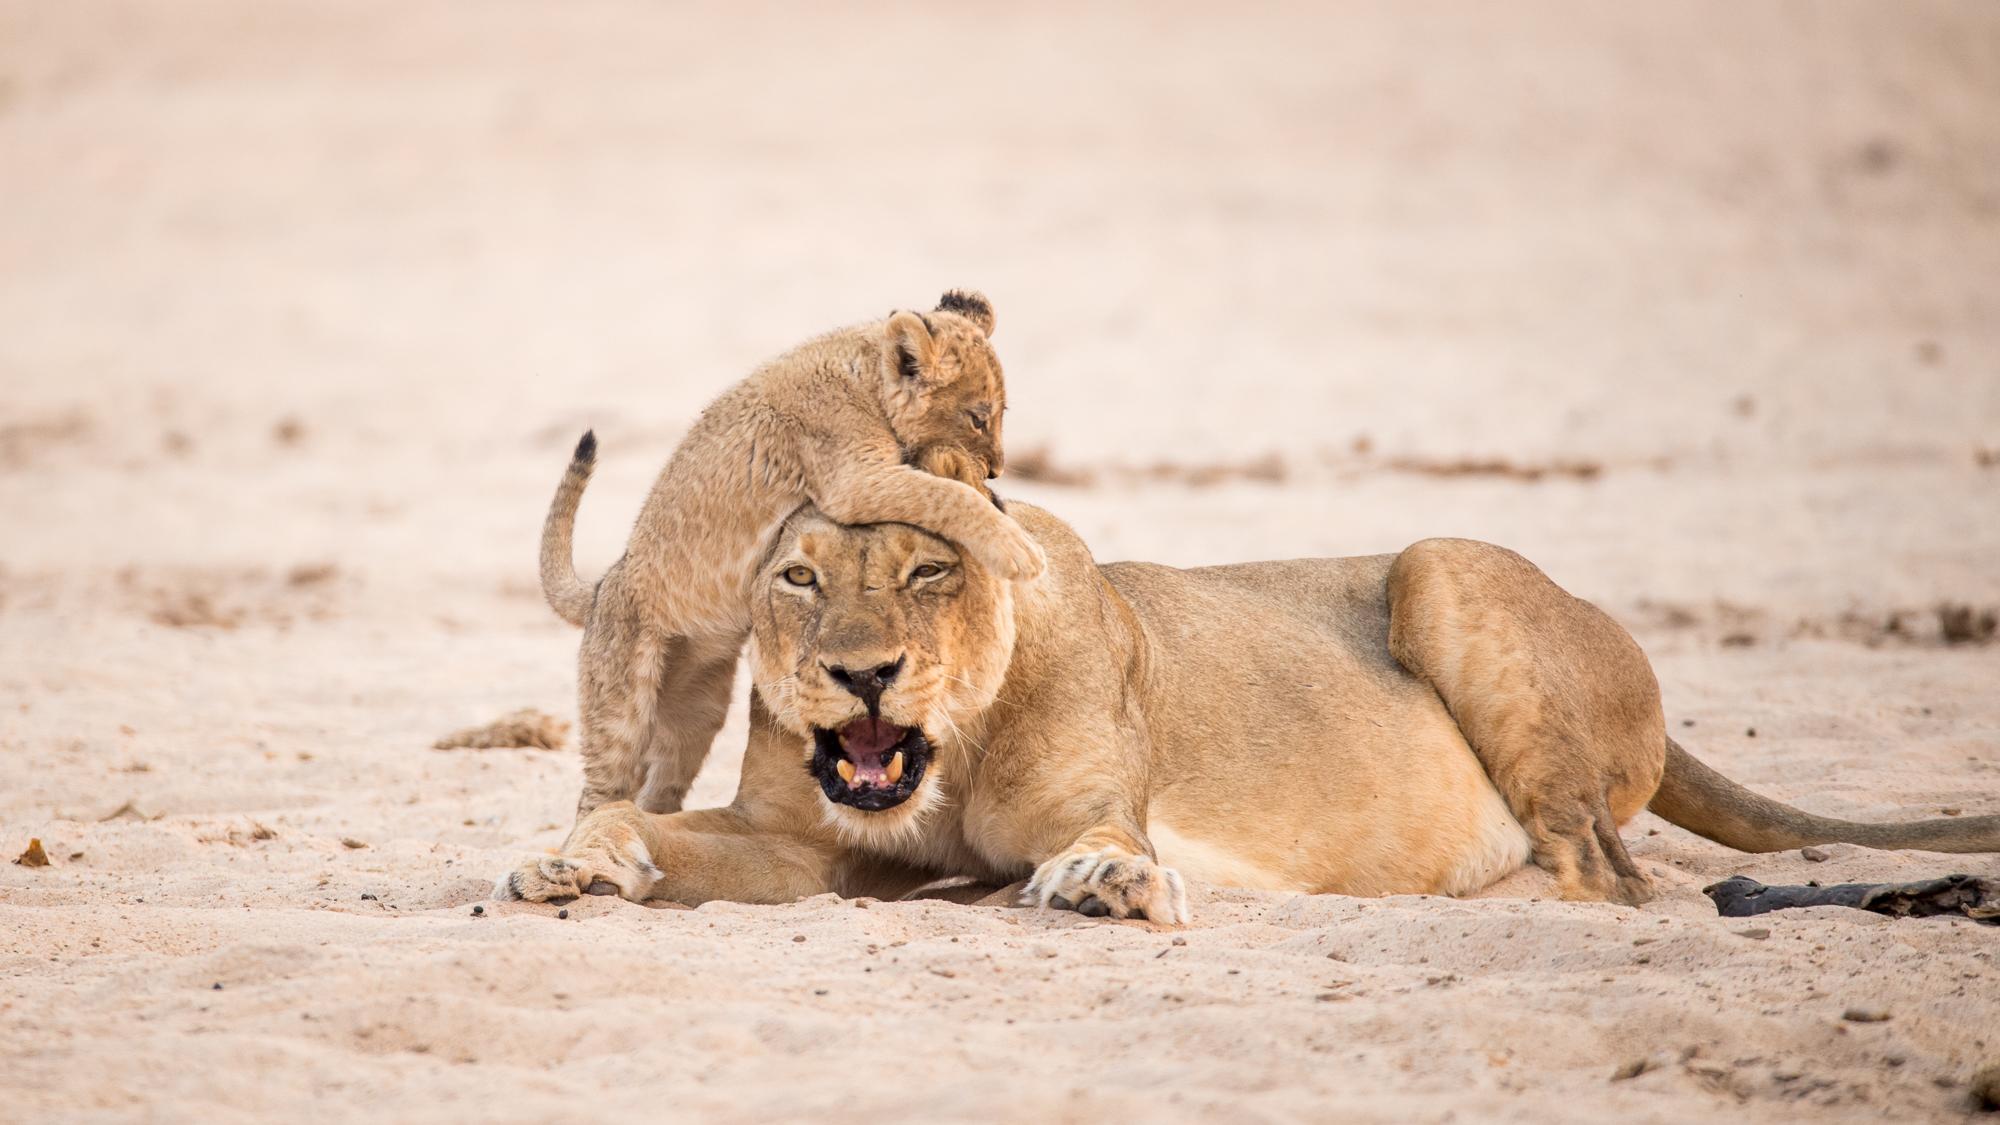 chikwenya_wildlife_2000px_-_kyle_and_ruth_263_of_334.jpg